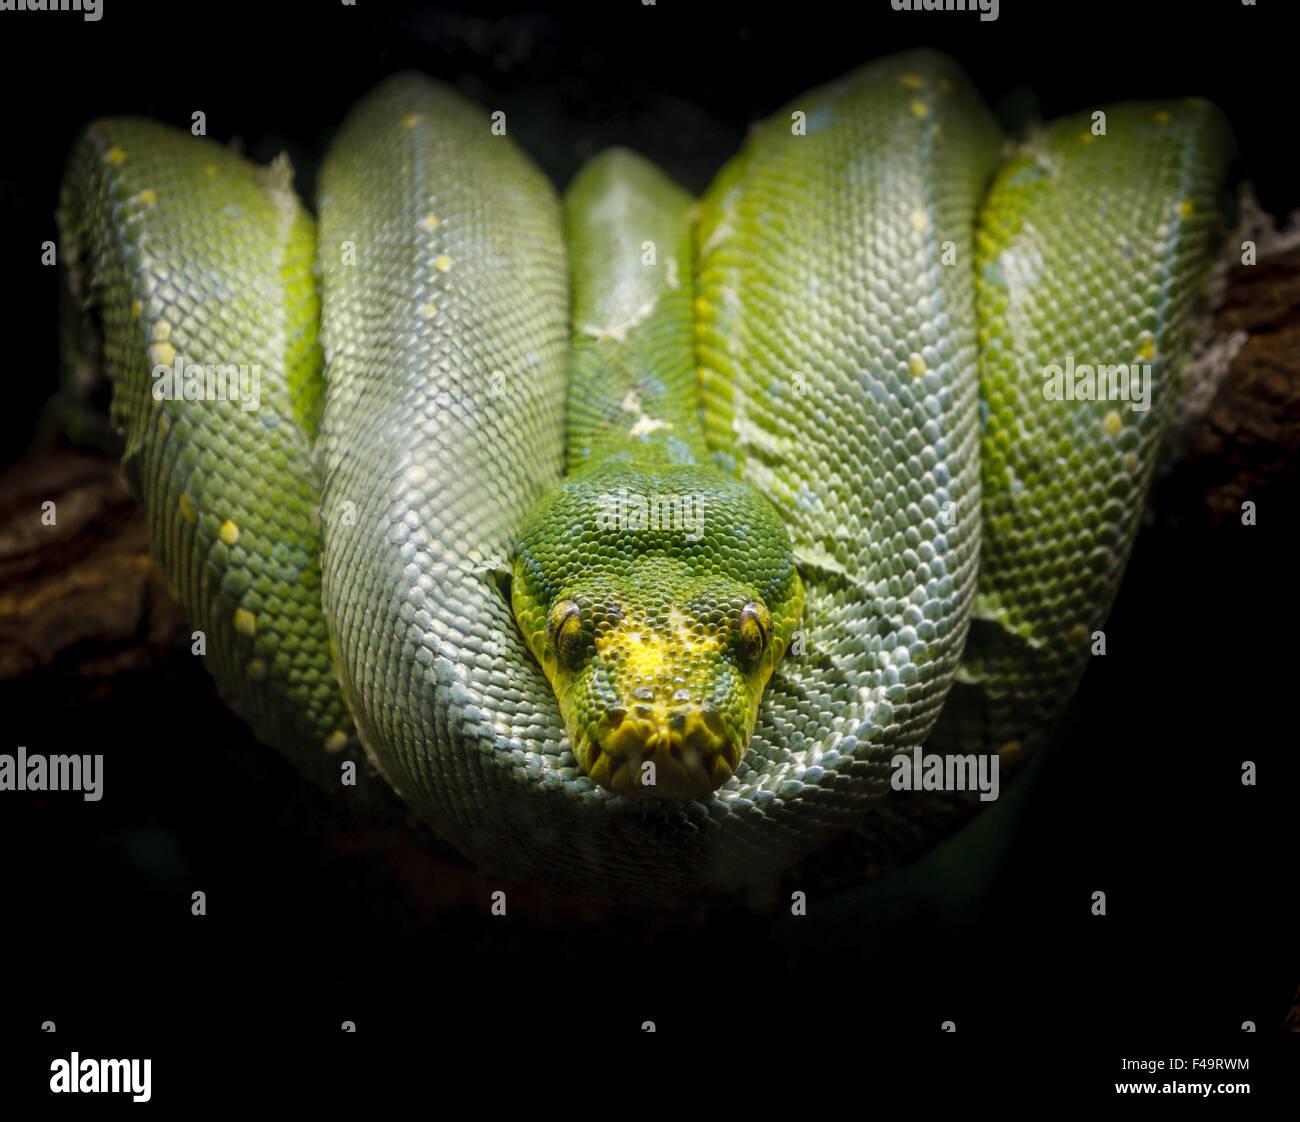 Python vert morelia viridis (confortablement) enroulé sur une branche d'arbre. Photographie d'une espèce Photo Stock